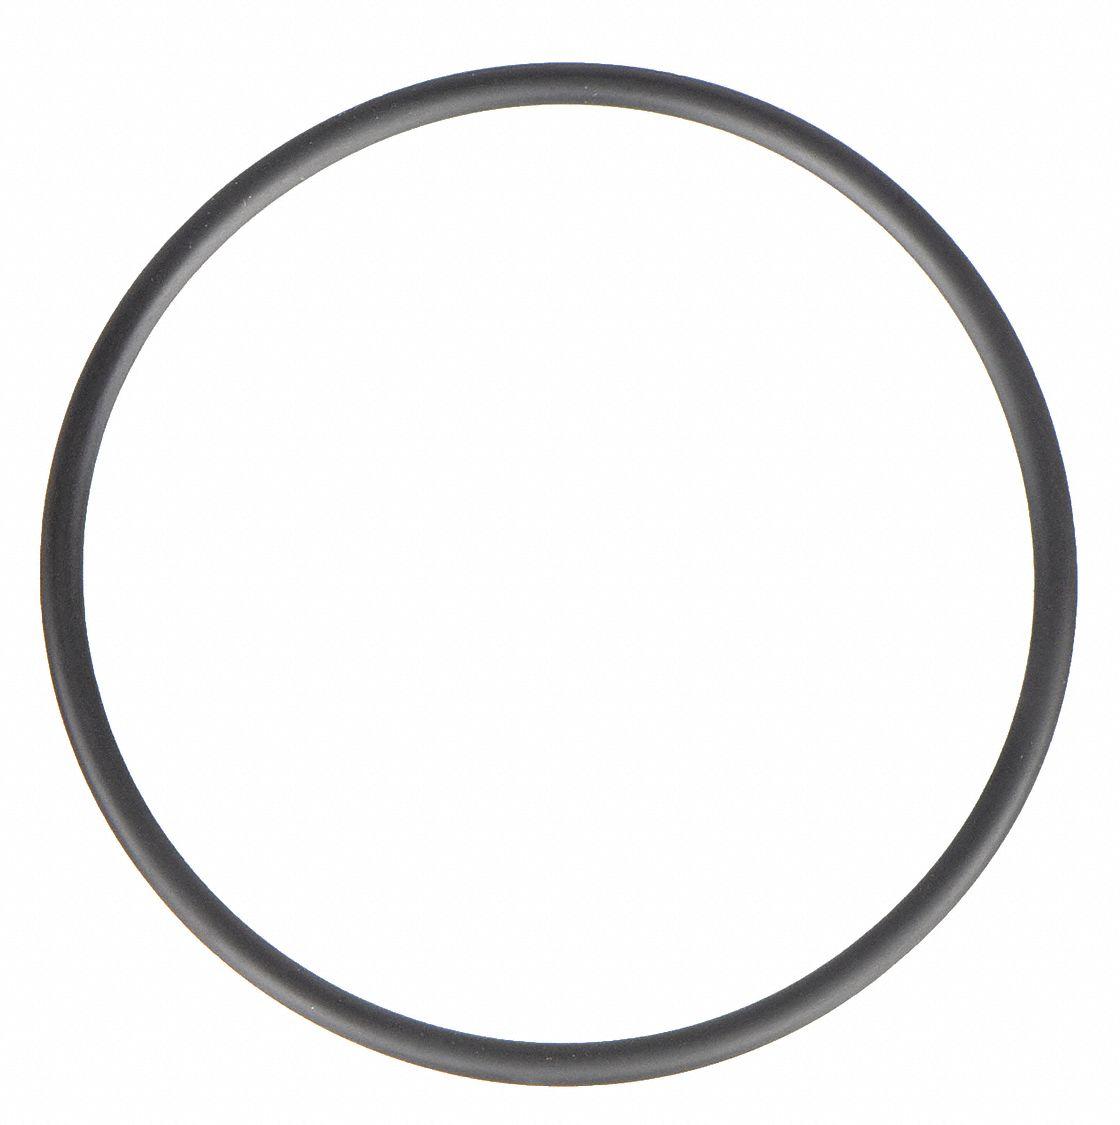 O-rings And O-ring Kits